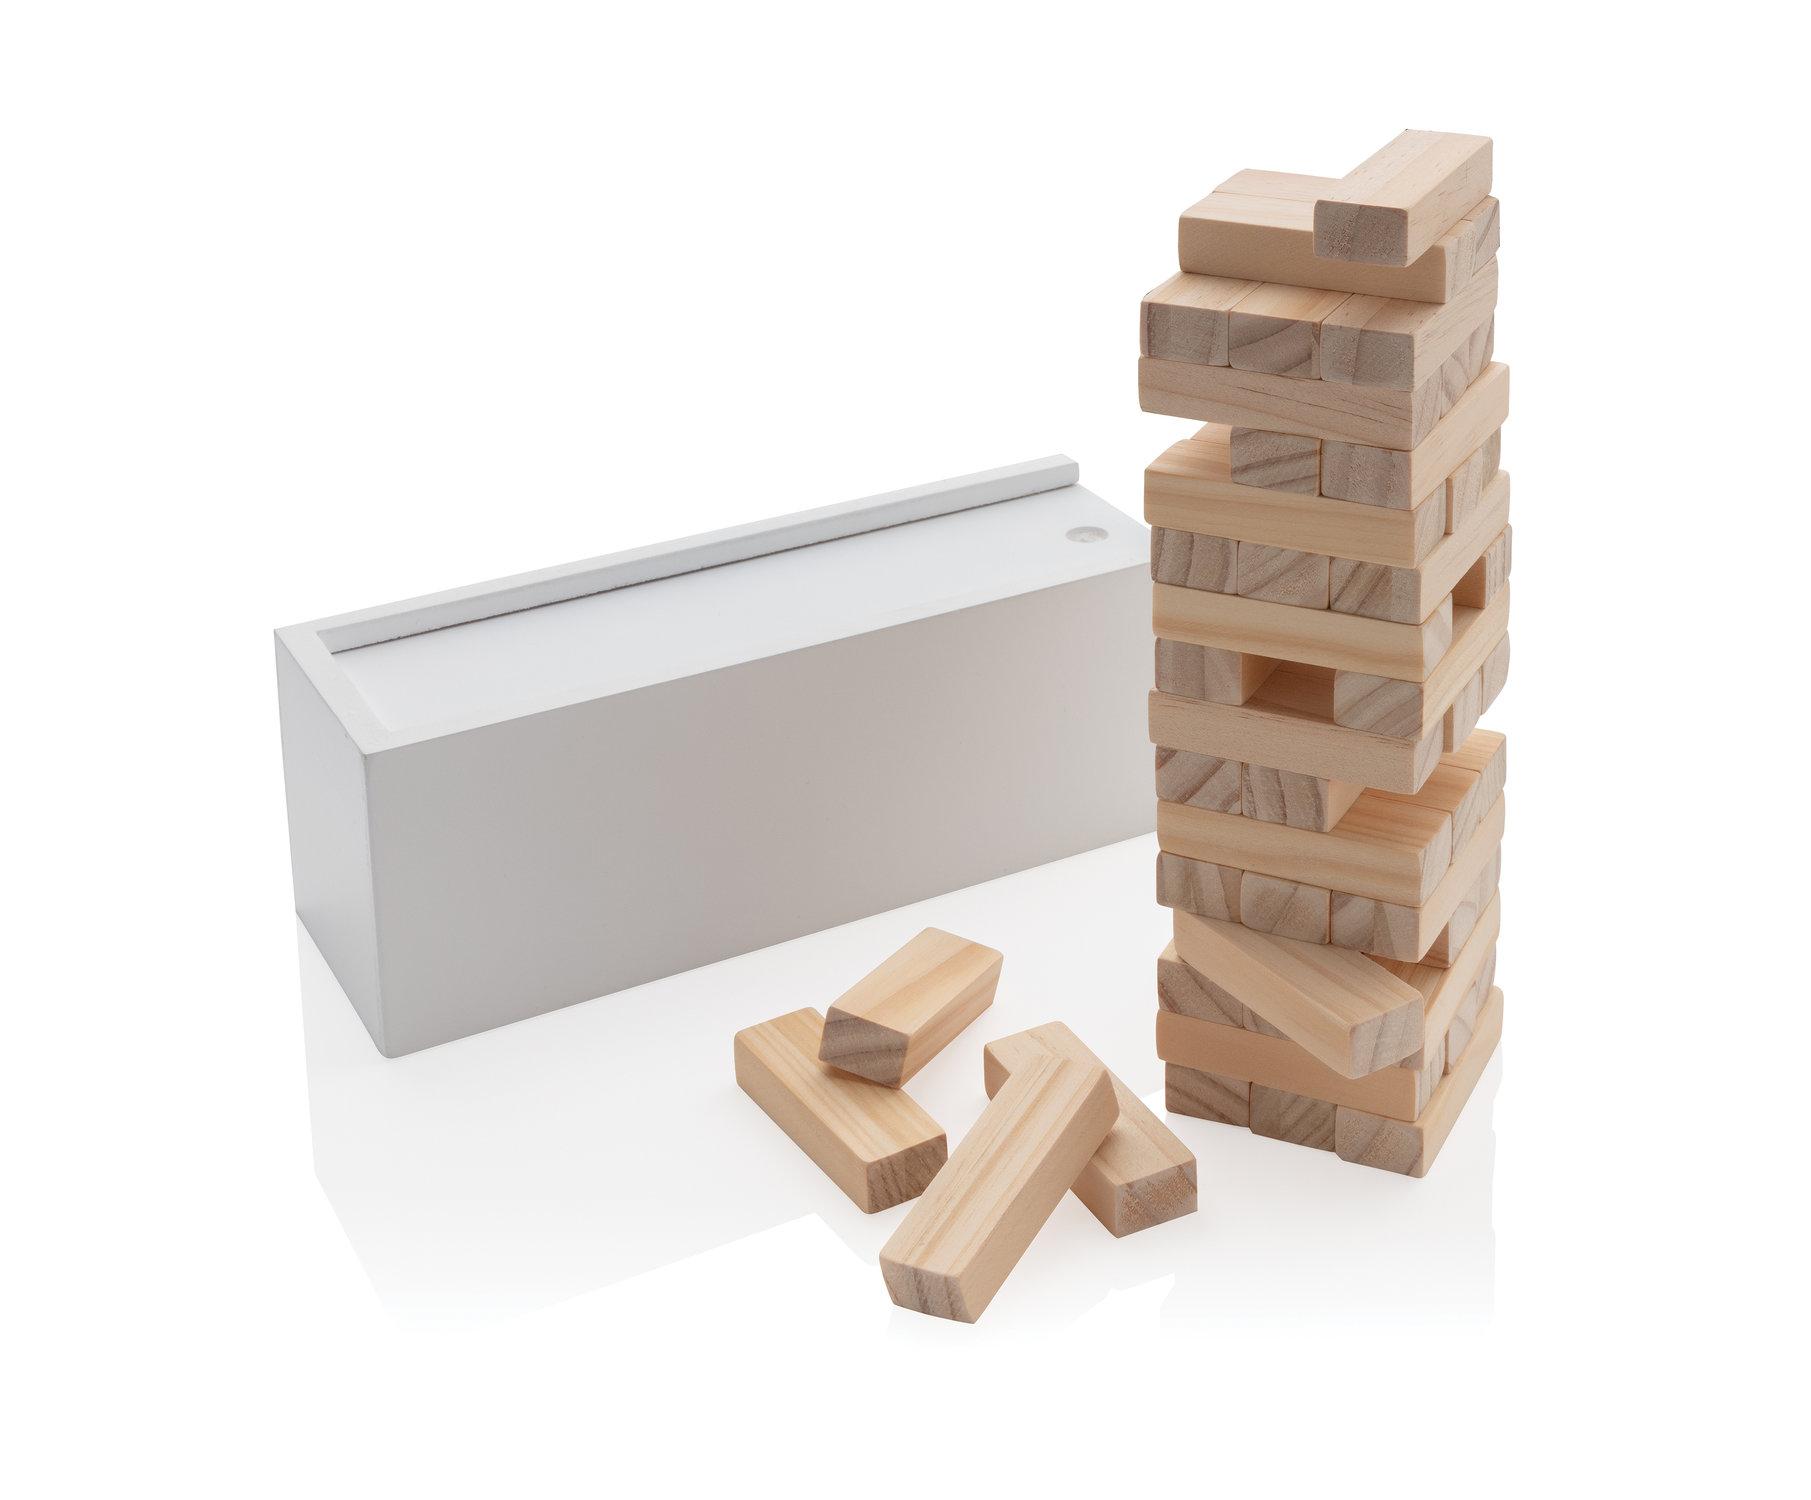 Jeu de blocs en bois Deluxe